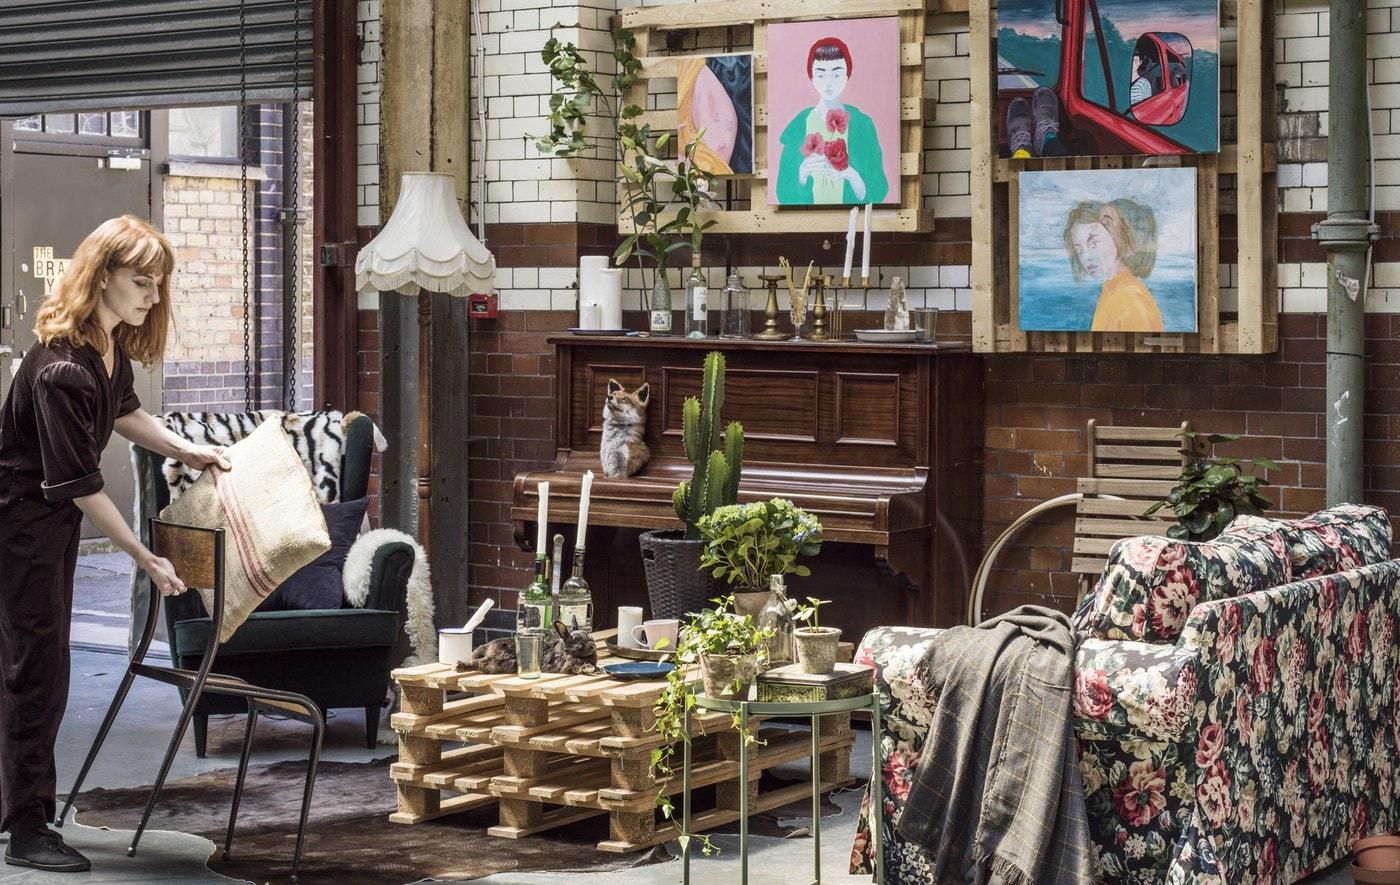 Jeune femme dans un salon commun, équipé de meubles de styles variés et de plantes.